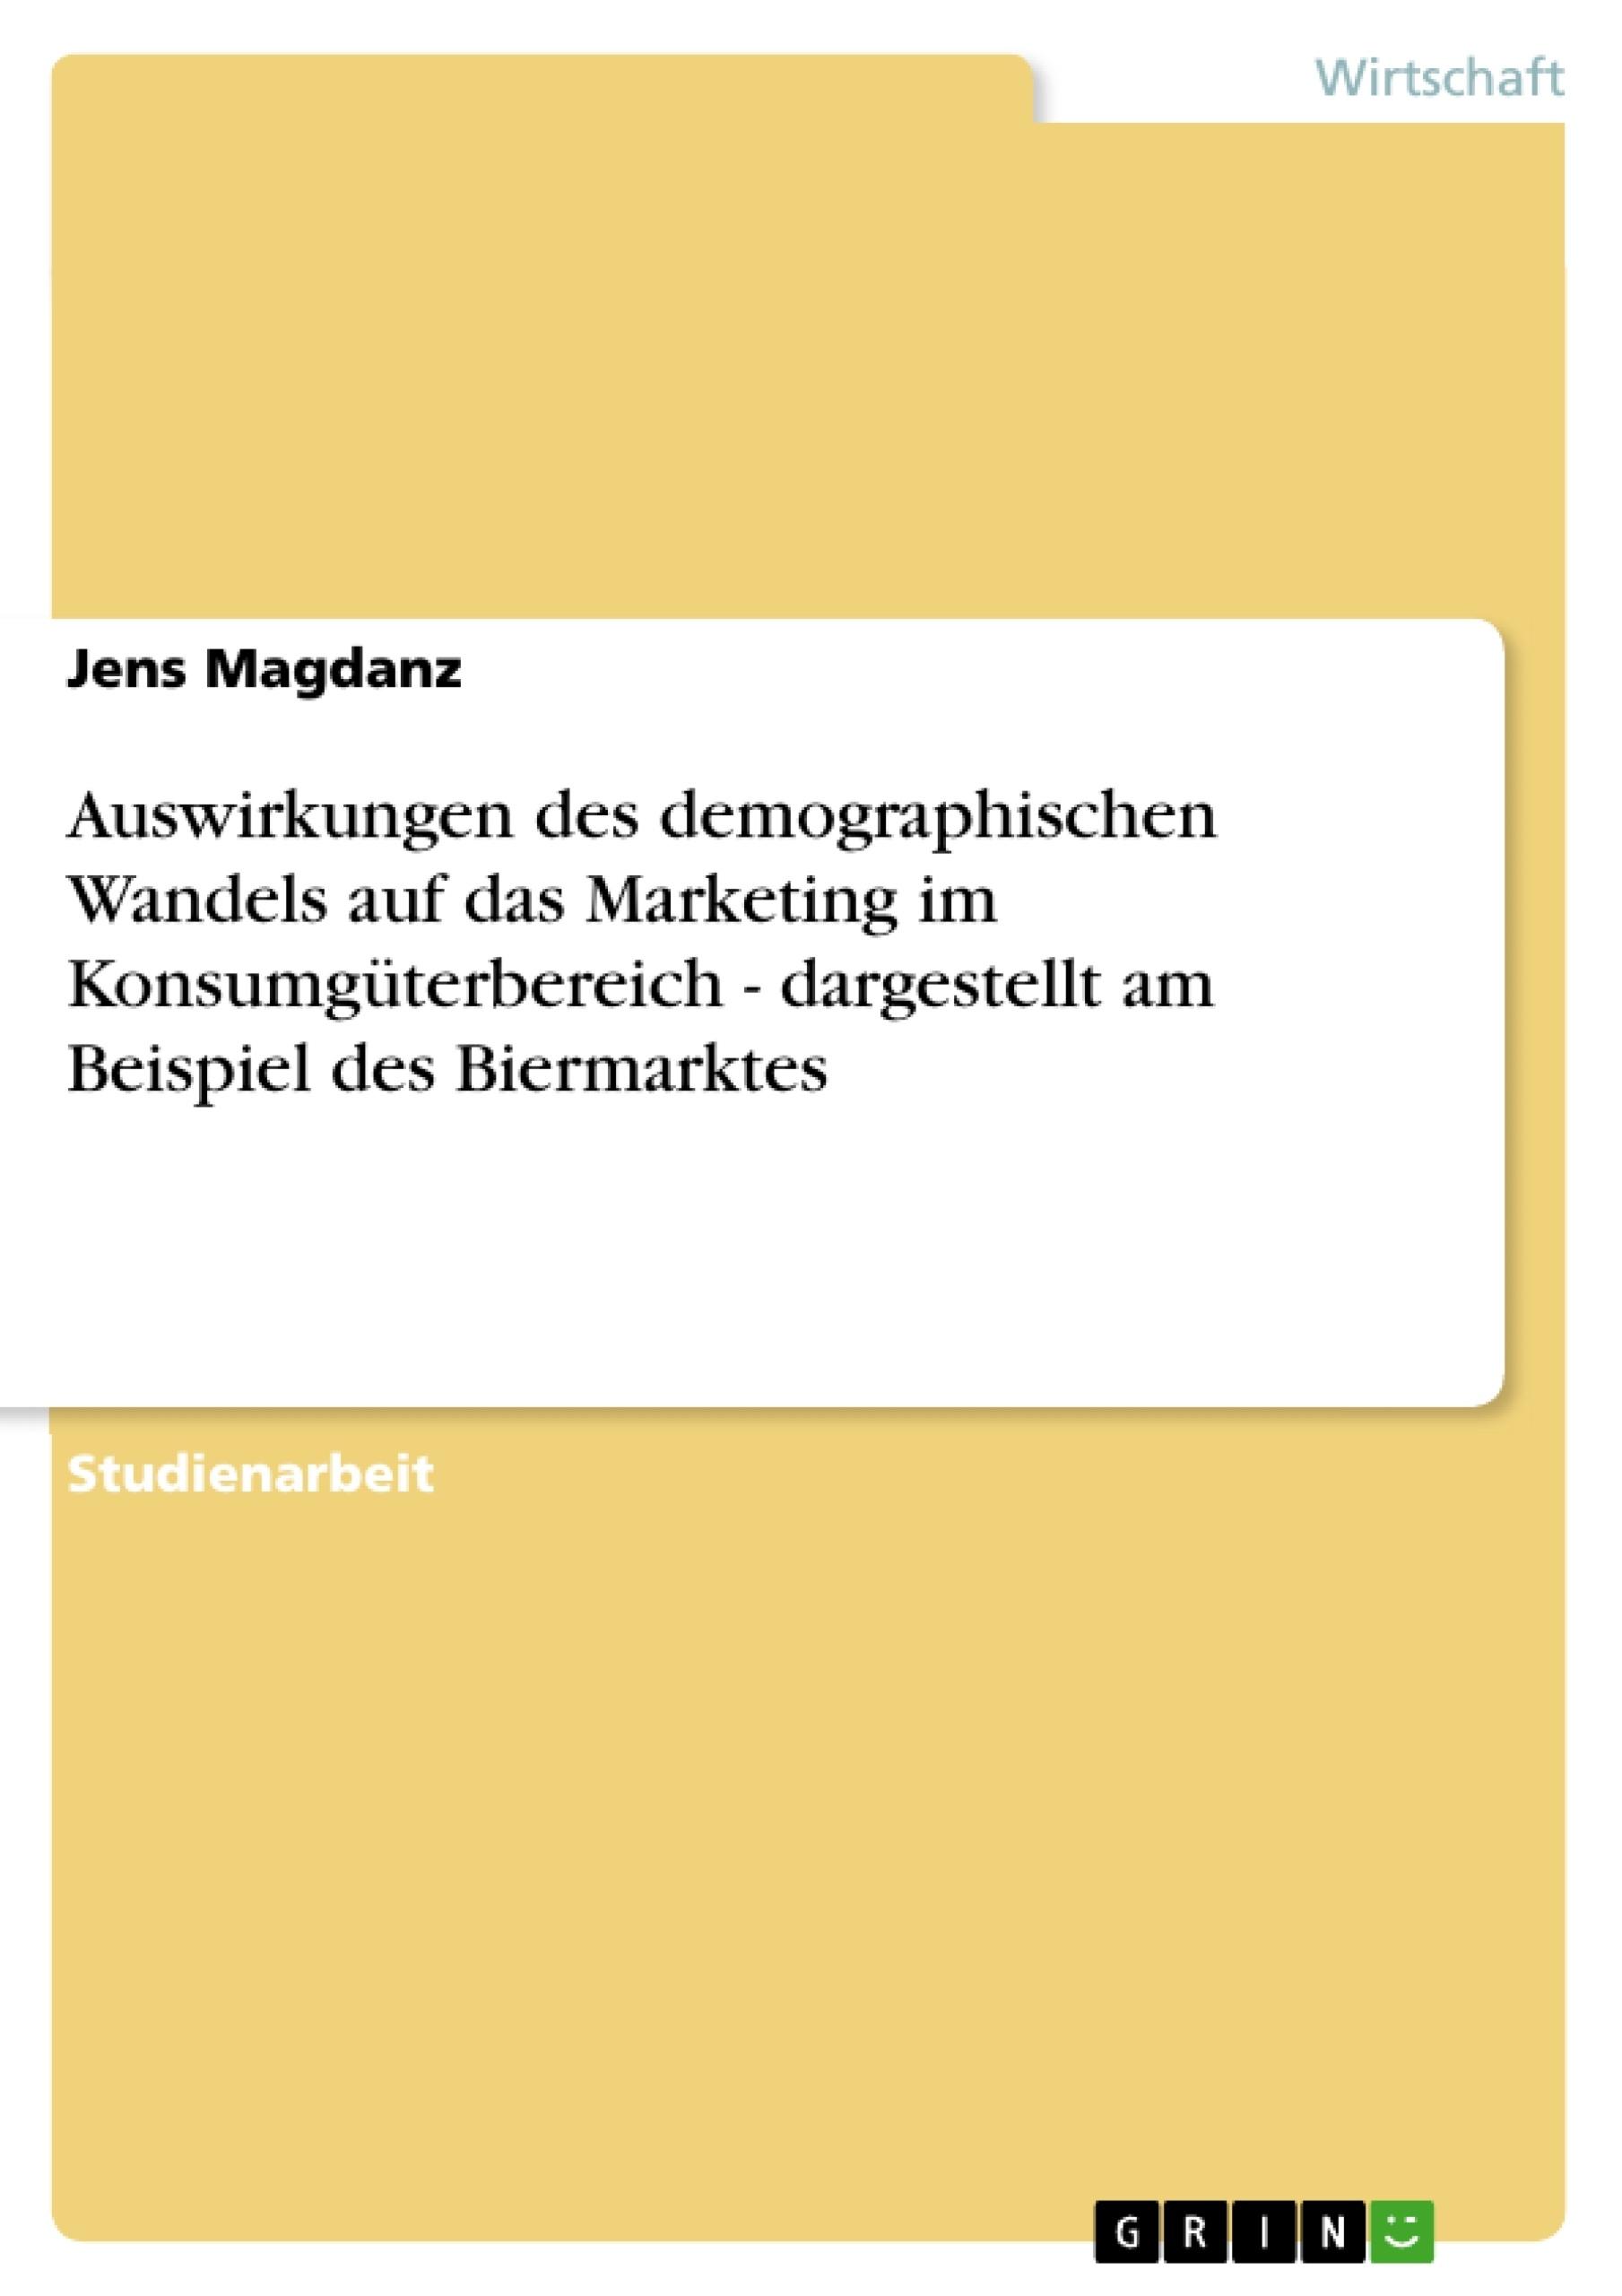 Titel: Auswirkungen des demographischen Wandels auf das Marketing im Konsumgüterbereich - dargestellt am Beispiel des Biermarktes